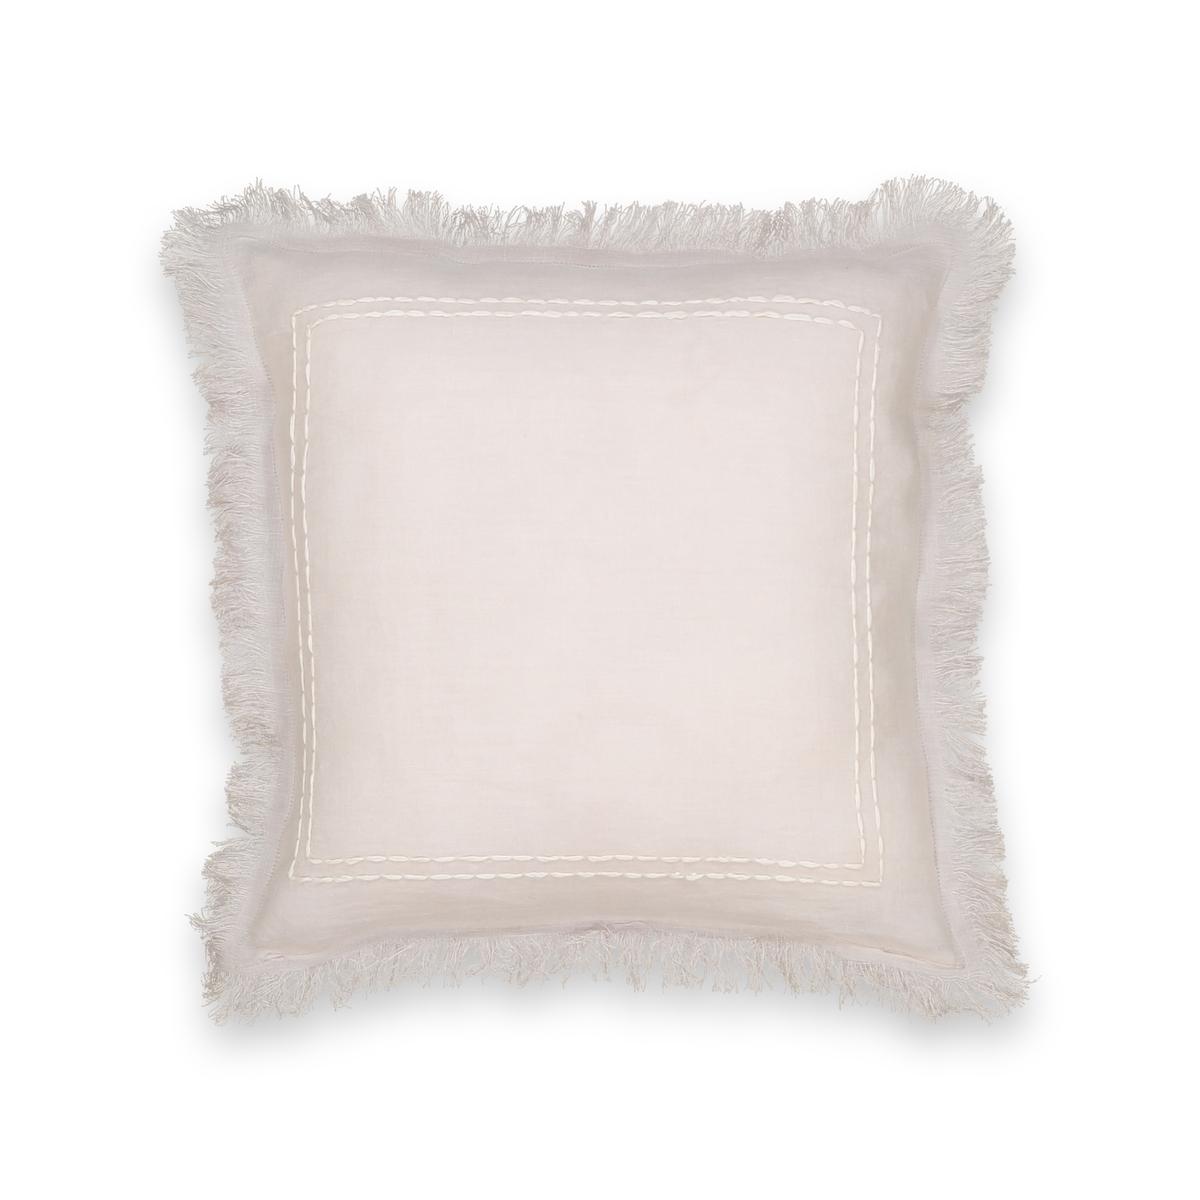 Чехол La Redoute На подушку-валик с ручной вышивкой Domitien 40 x 40 см розовый чехол la redoute на подушку или подушку валик из хлопка scenario 40 x 40 см серый